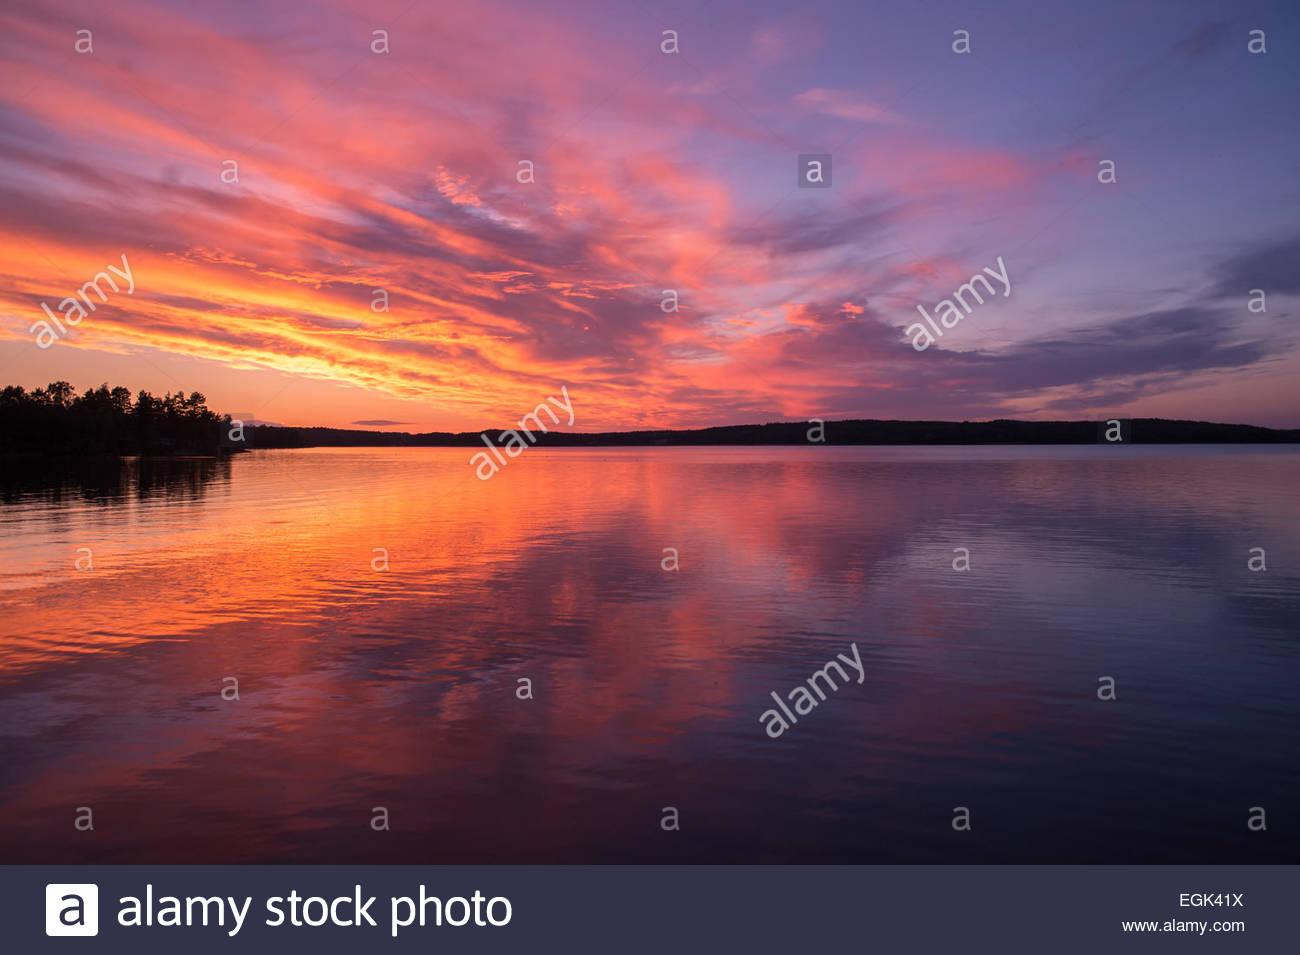 Puesta de sol sobre el lago idílico Imagen De Stock